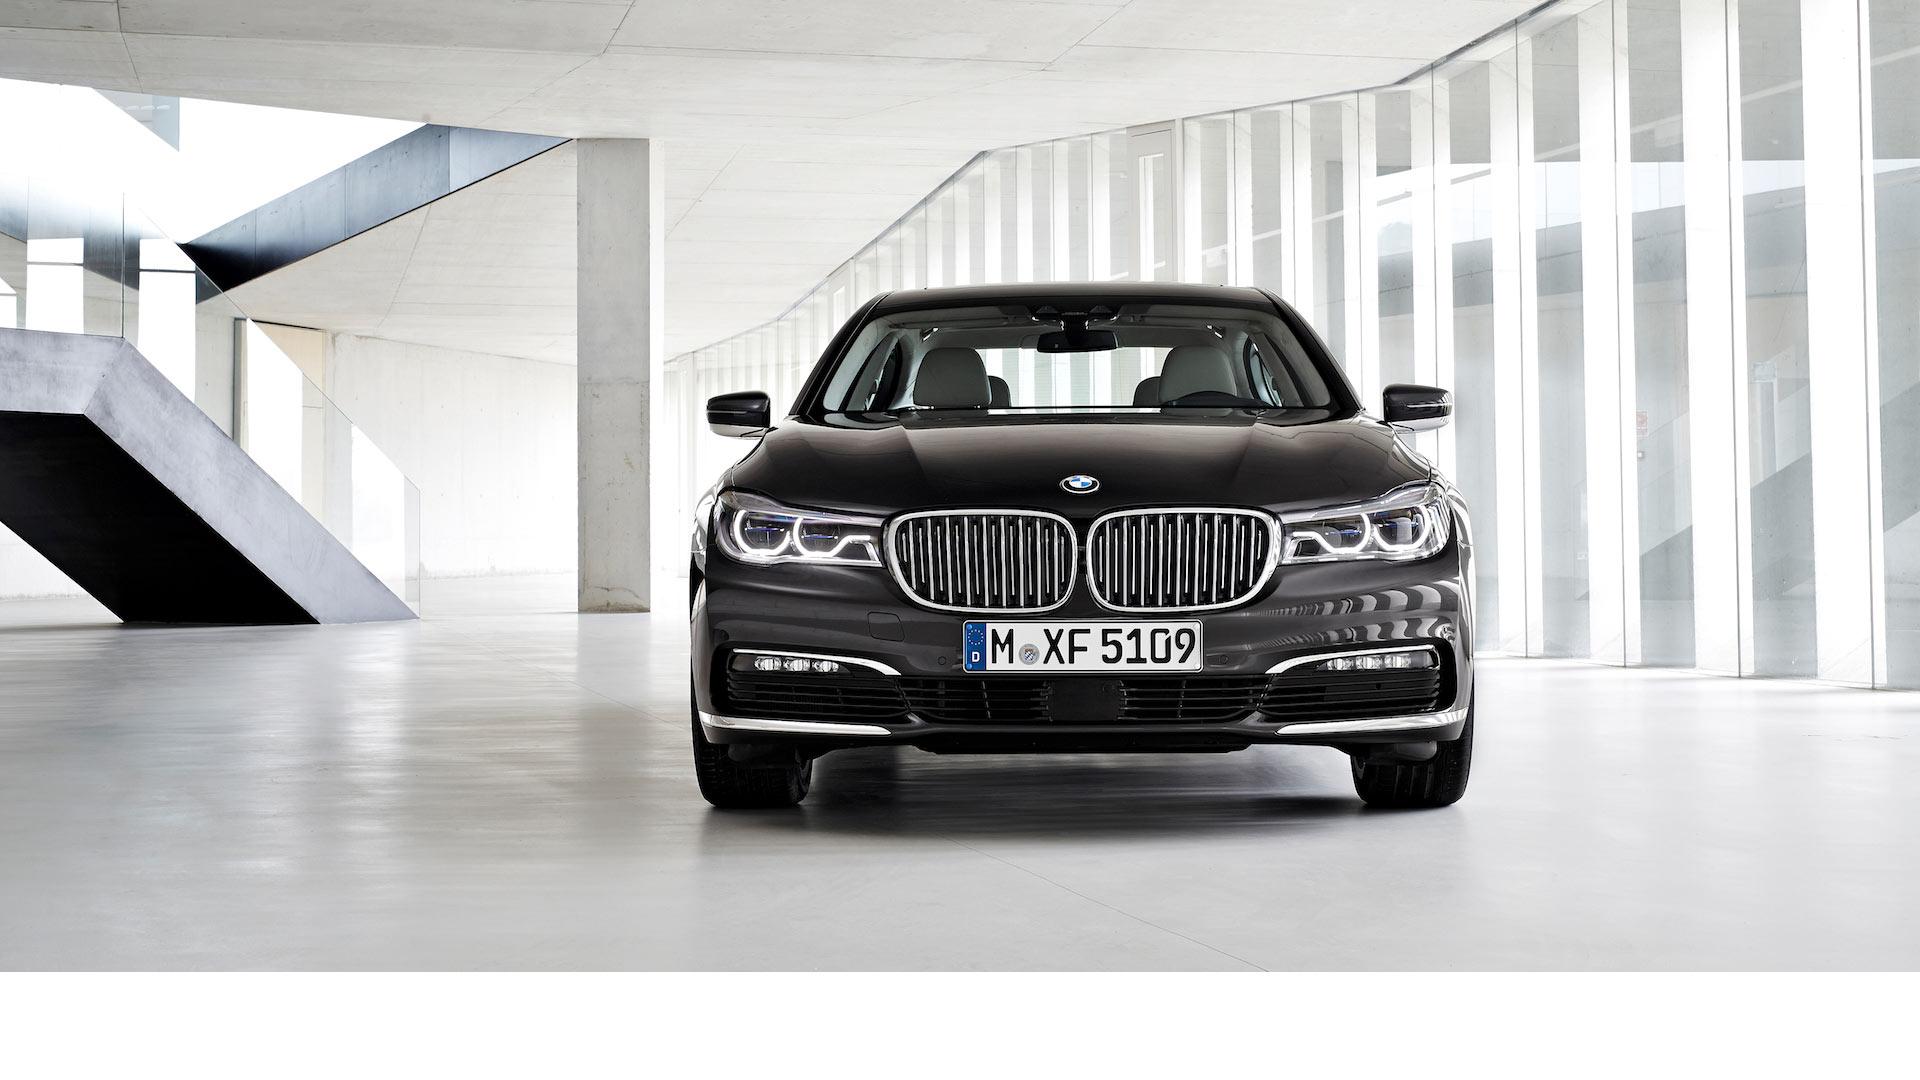 BMW y el Instituto Fraunhofer de Óptica Aplicada diseñaron un sistema de luces que permitirá encontrar el vehículo de una forma más fácil